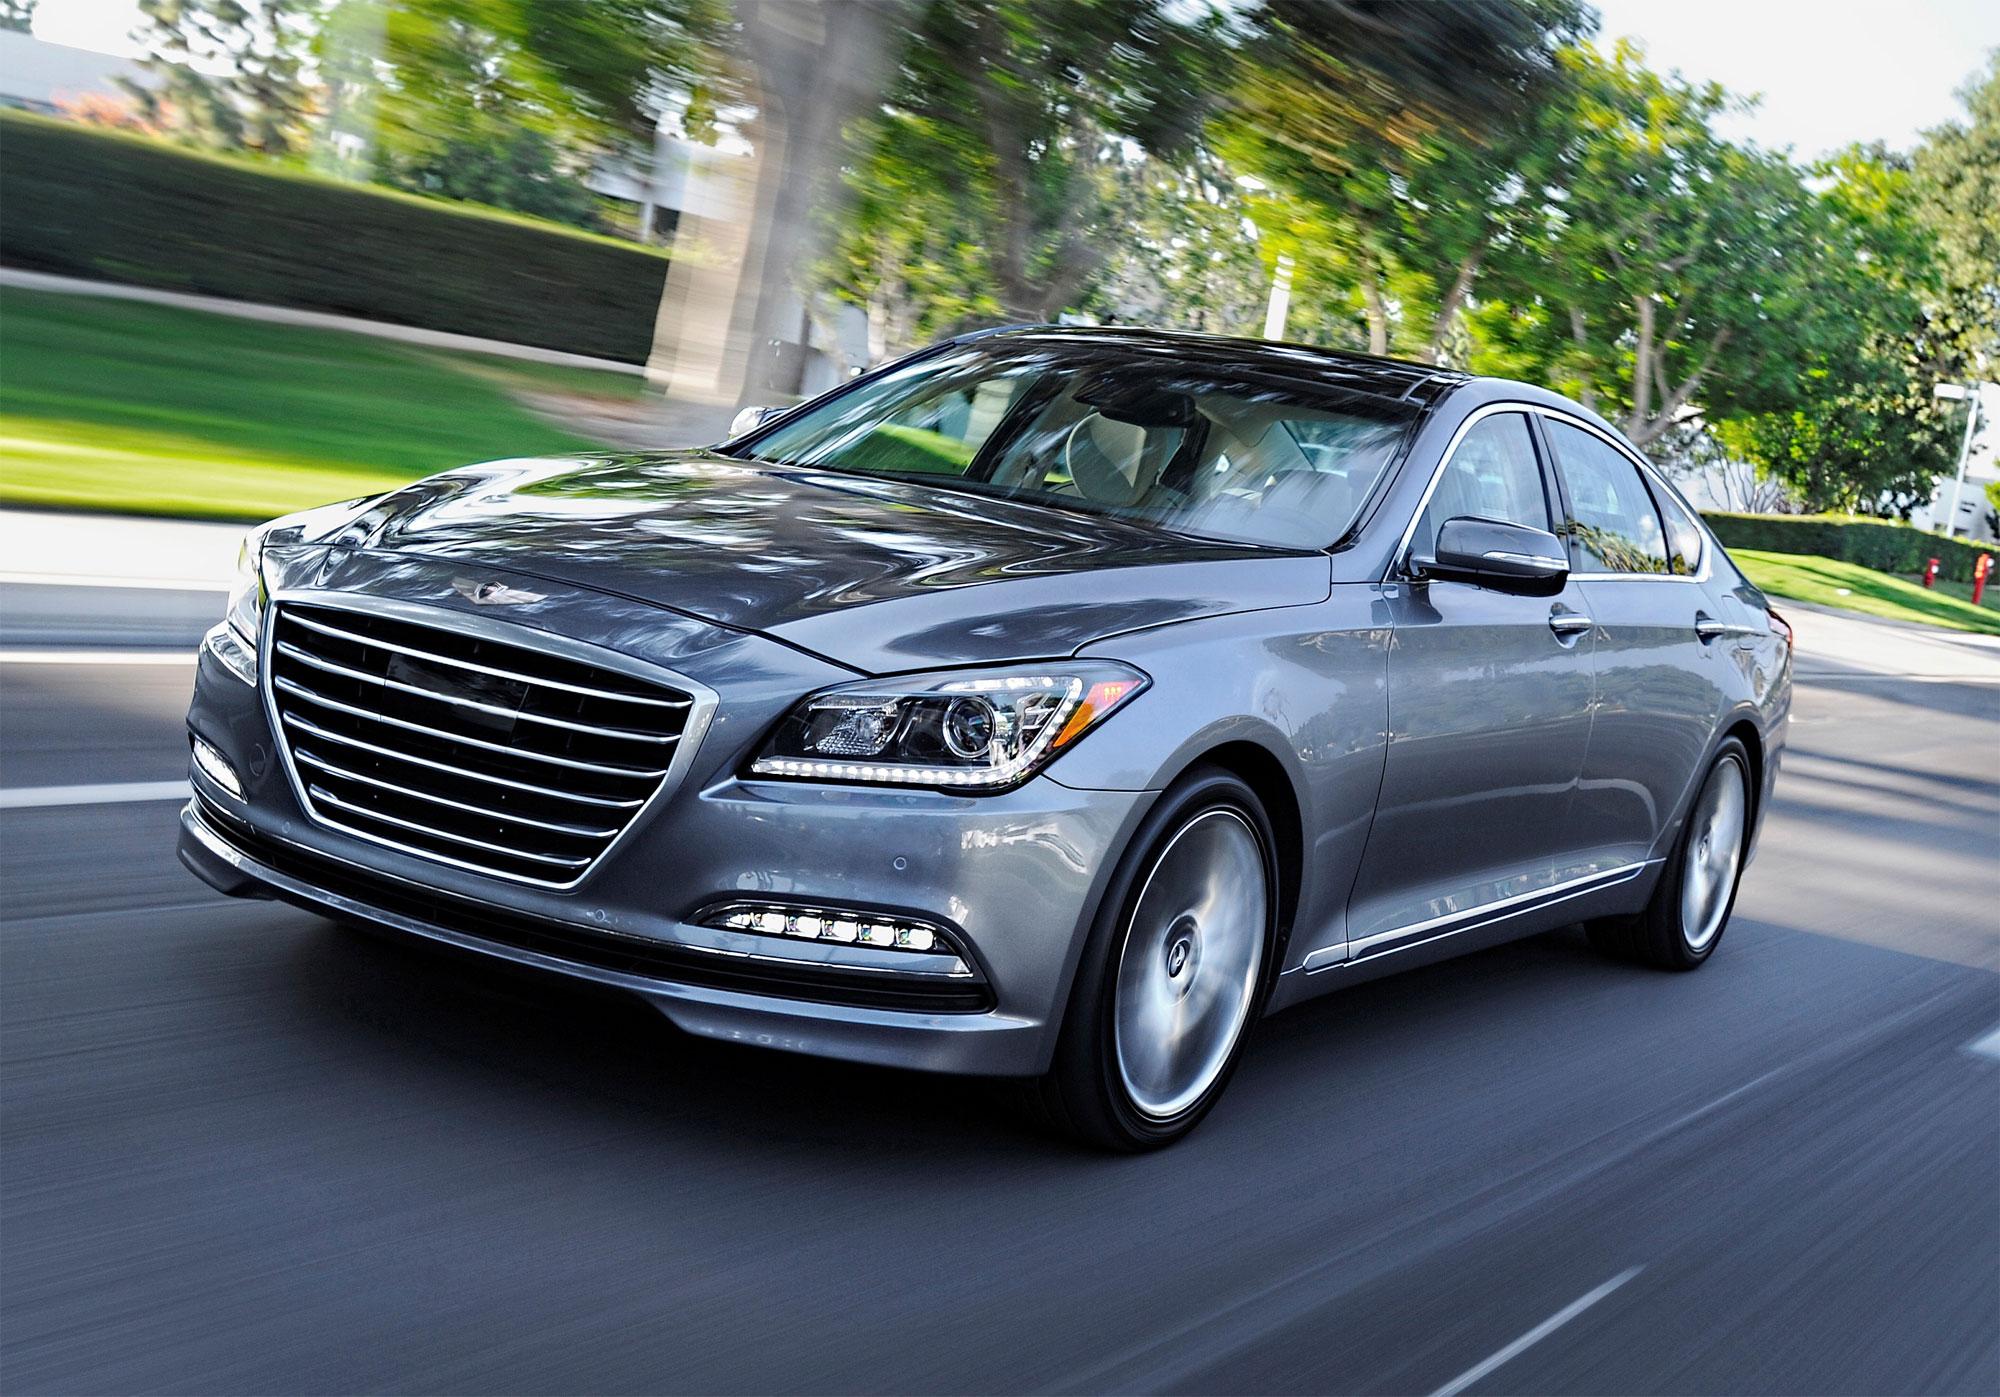 The 2016 Hyundai Genesis